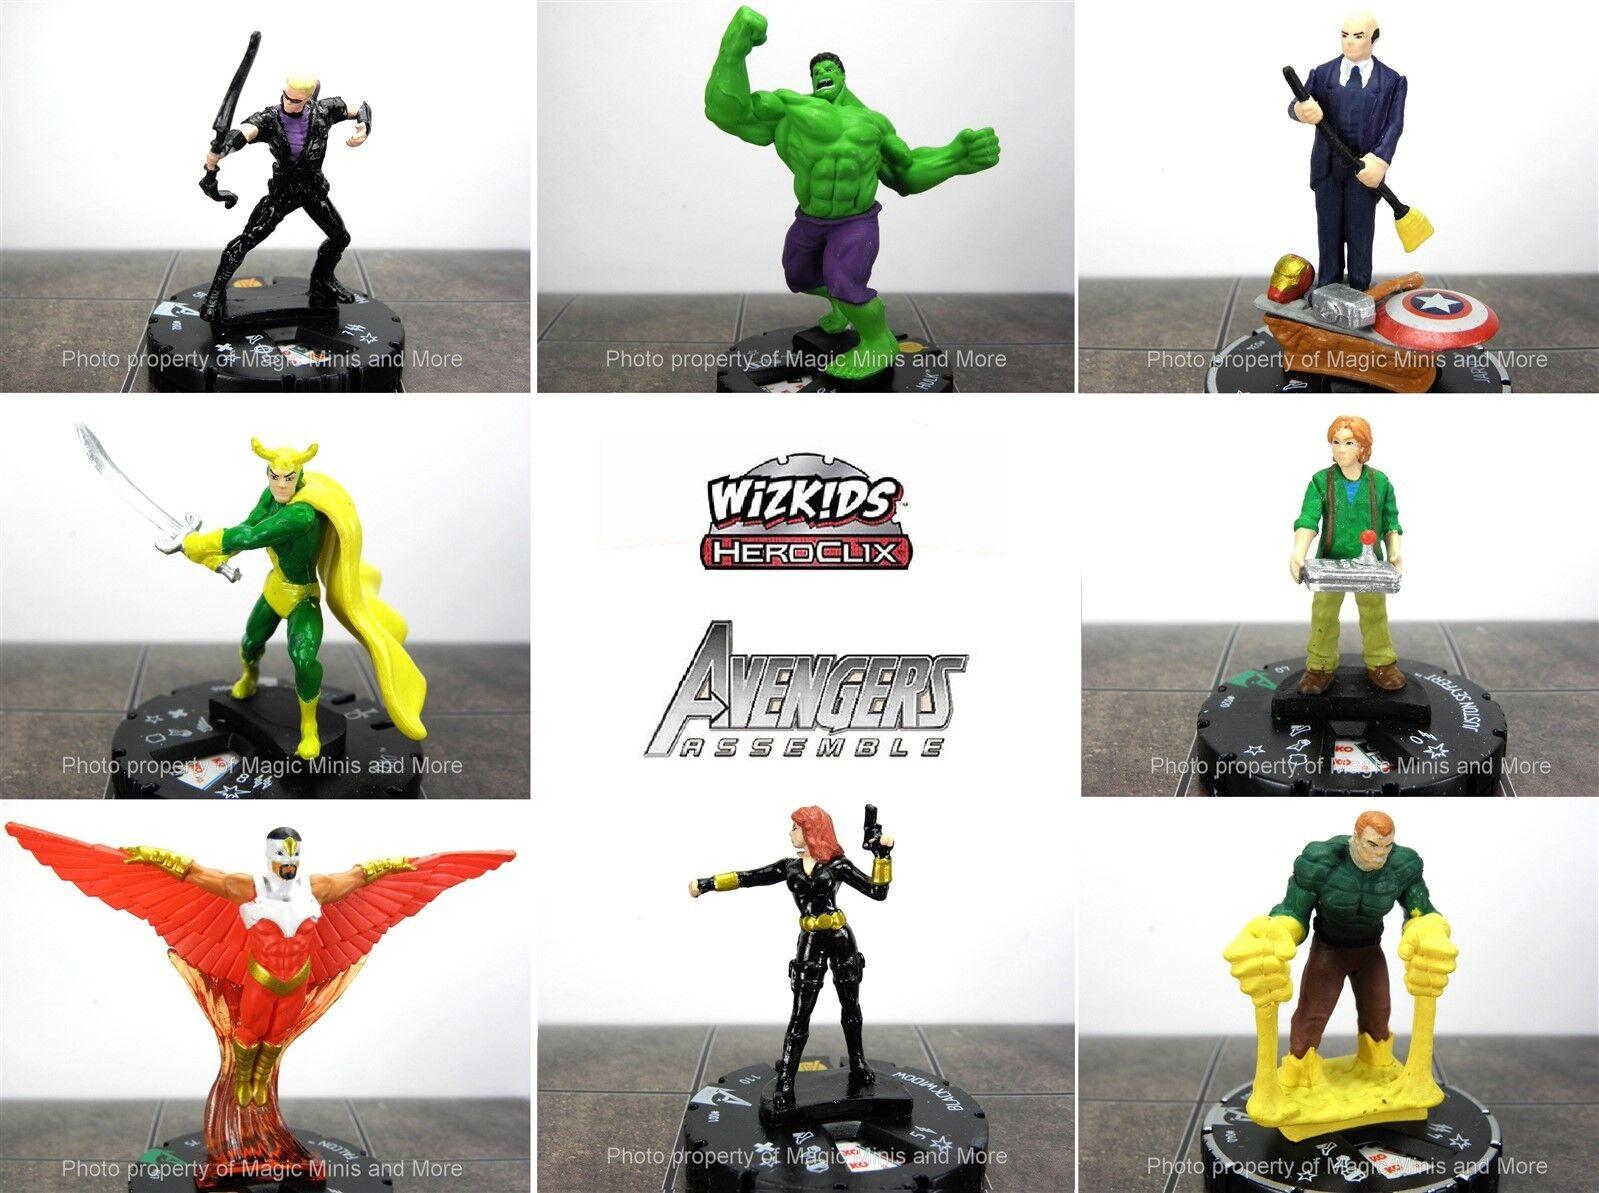 CUR Vengadores montar C U R 48 miniatura conjunto Sandman Heroclix Hulk Loki Jarvis